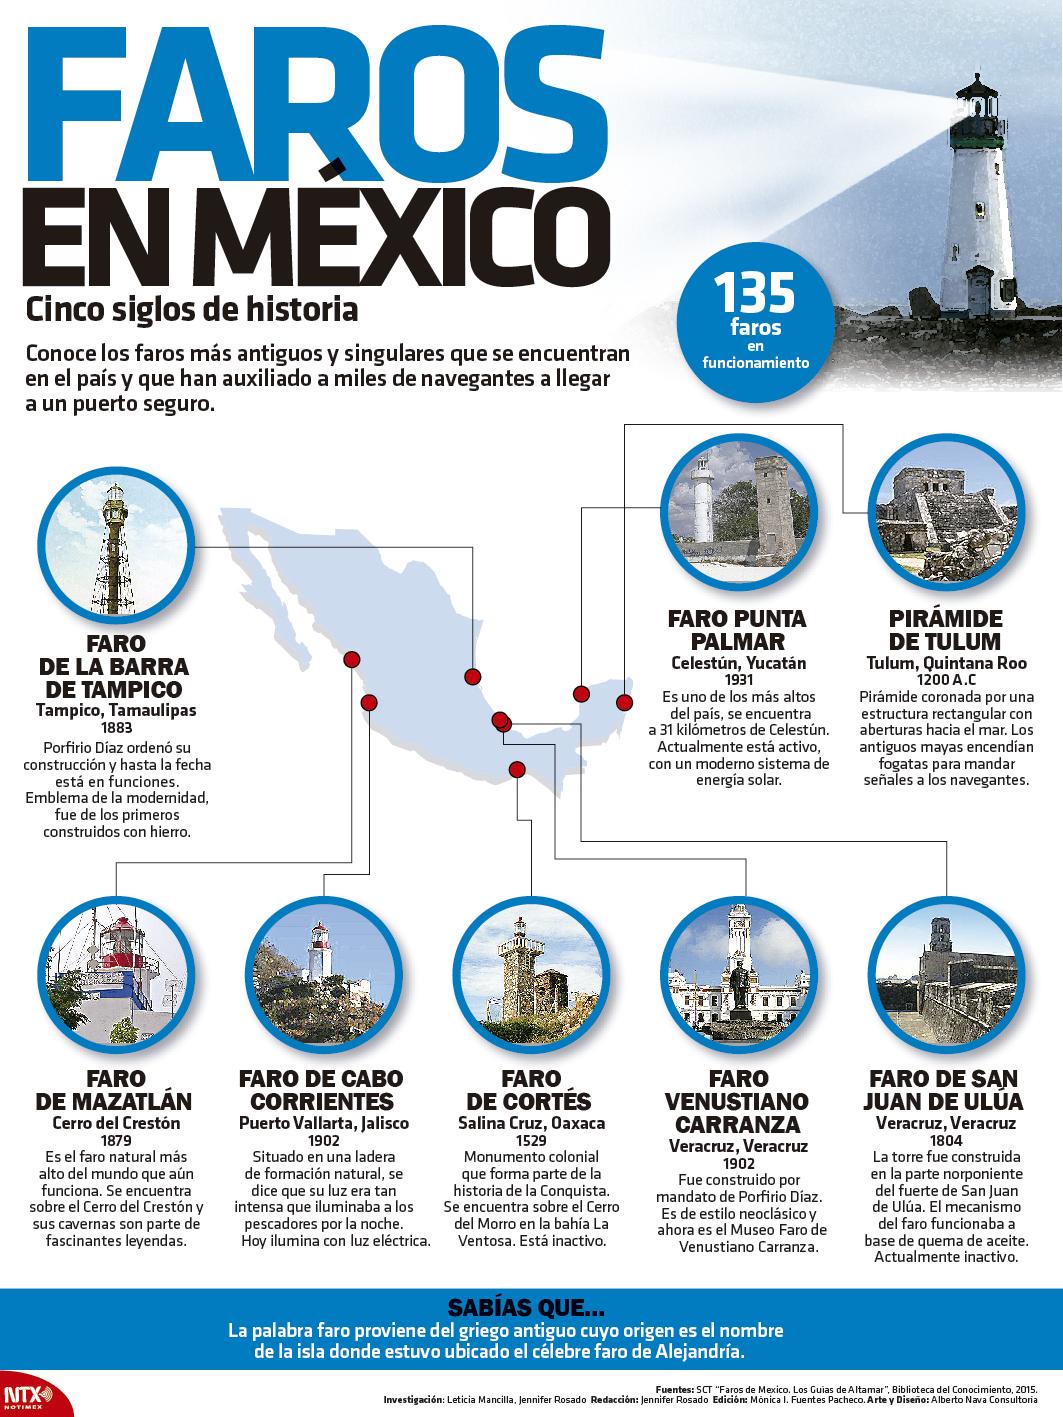 Historia de los faros en mexico